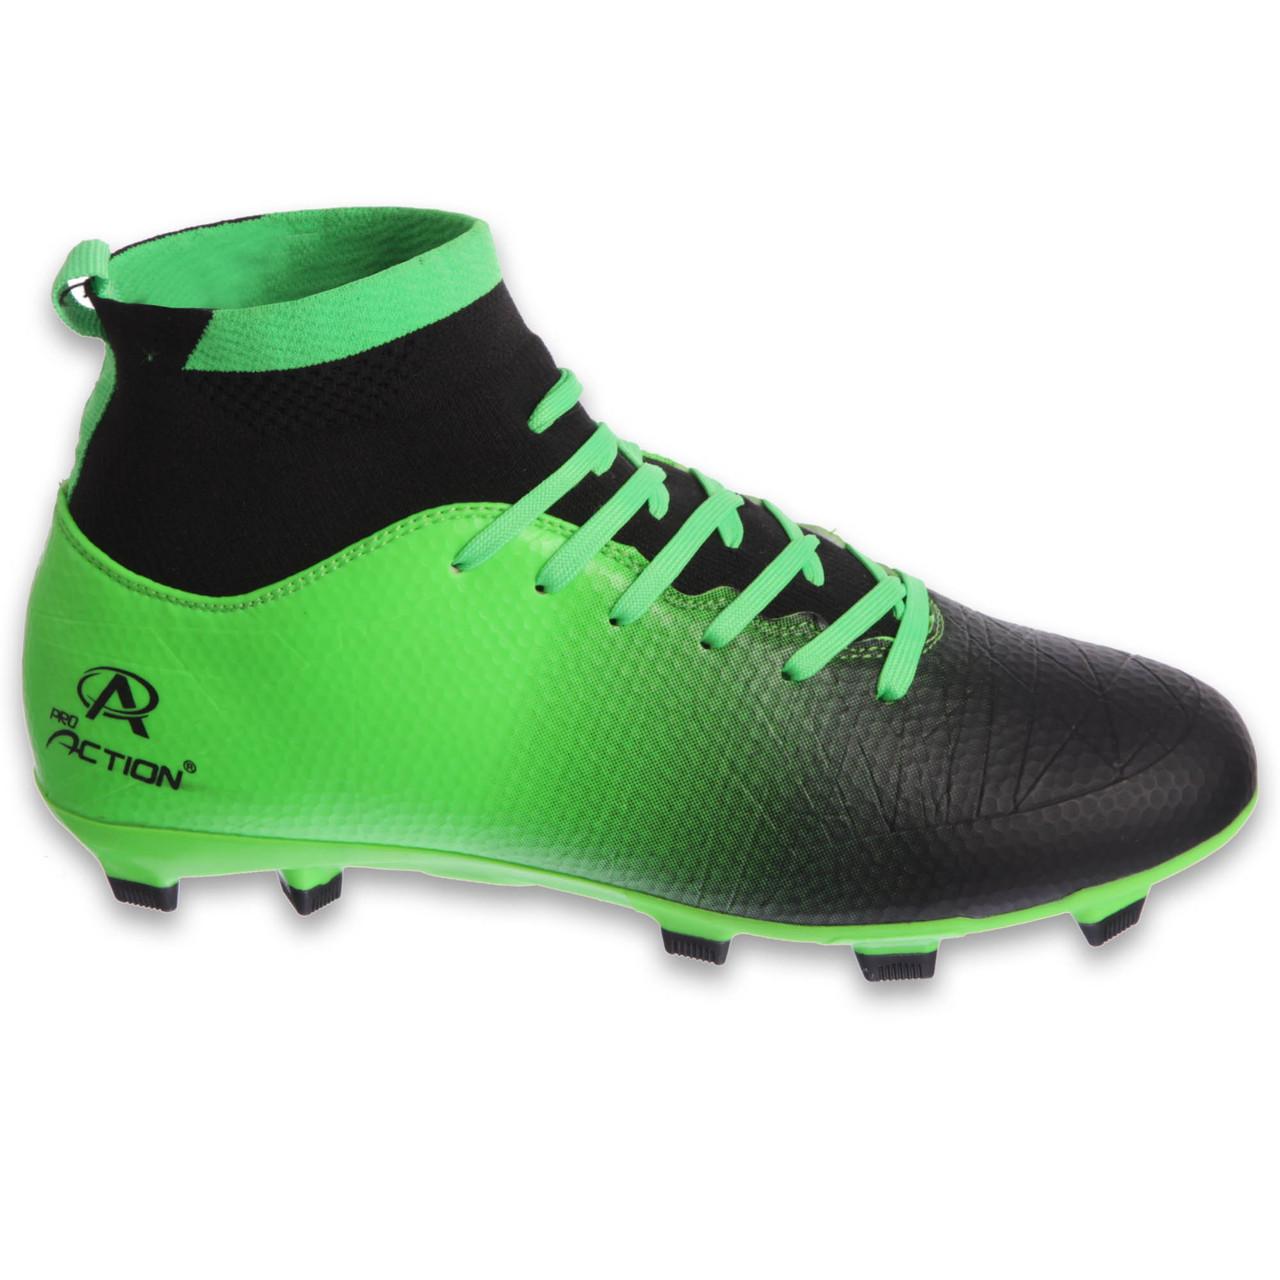 Бутсы футбольная обувь с носком Pro Action PRO-1000-15 BLACK/GREEN размер 40-45 (верх-TPU, подошва-TPU, зеленый-черный)